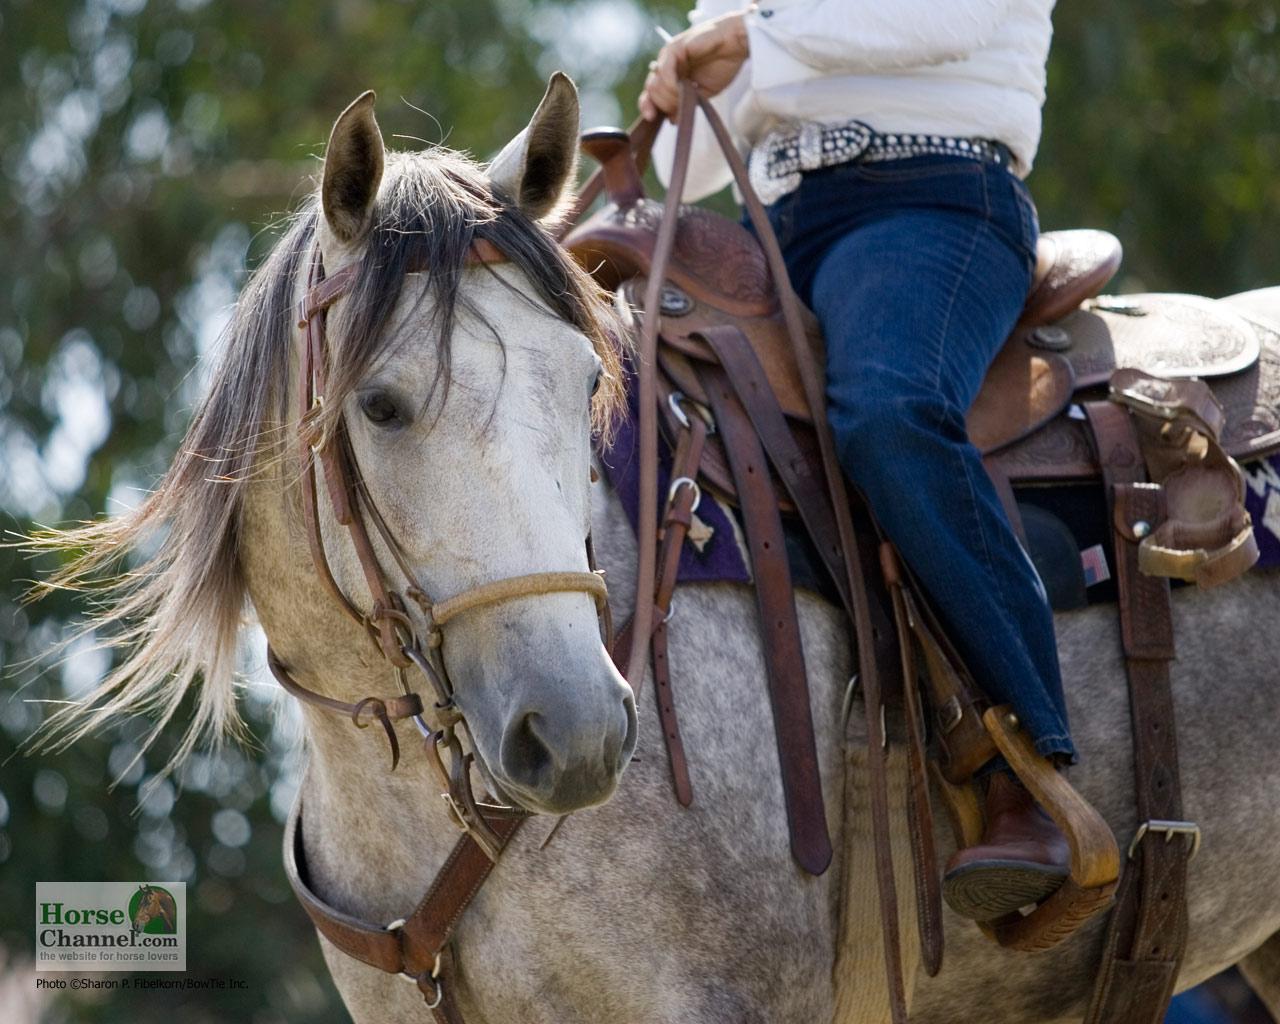 Horse Ranch Wallpaper - WallpaperSafari